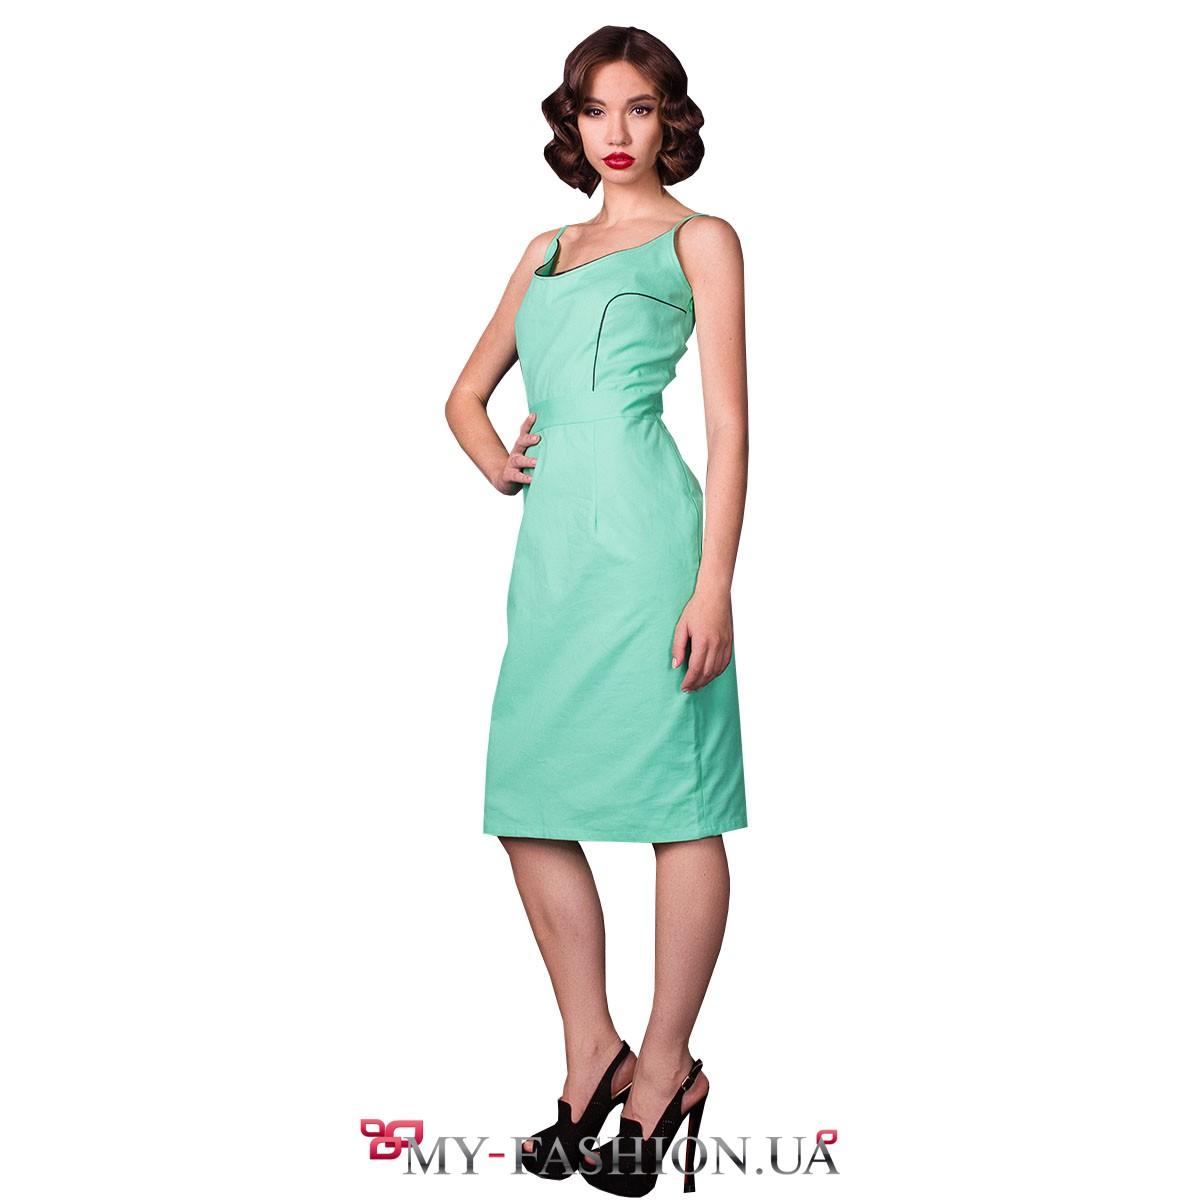 Платье Из Кожи Где Купить